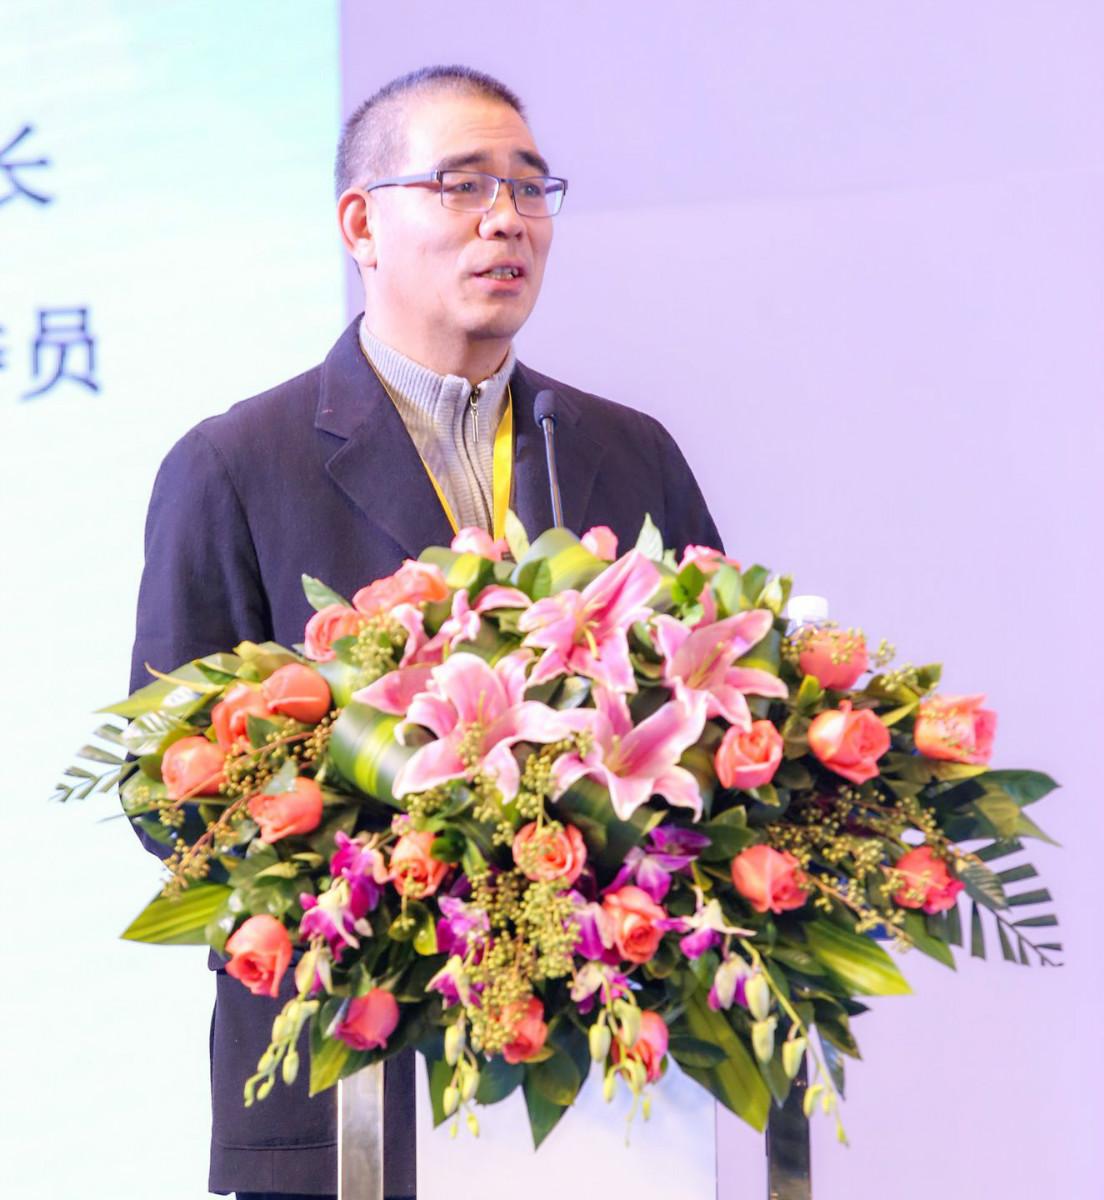 王涌彬:把改善人居环境作为乡村振兴的抓手